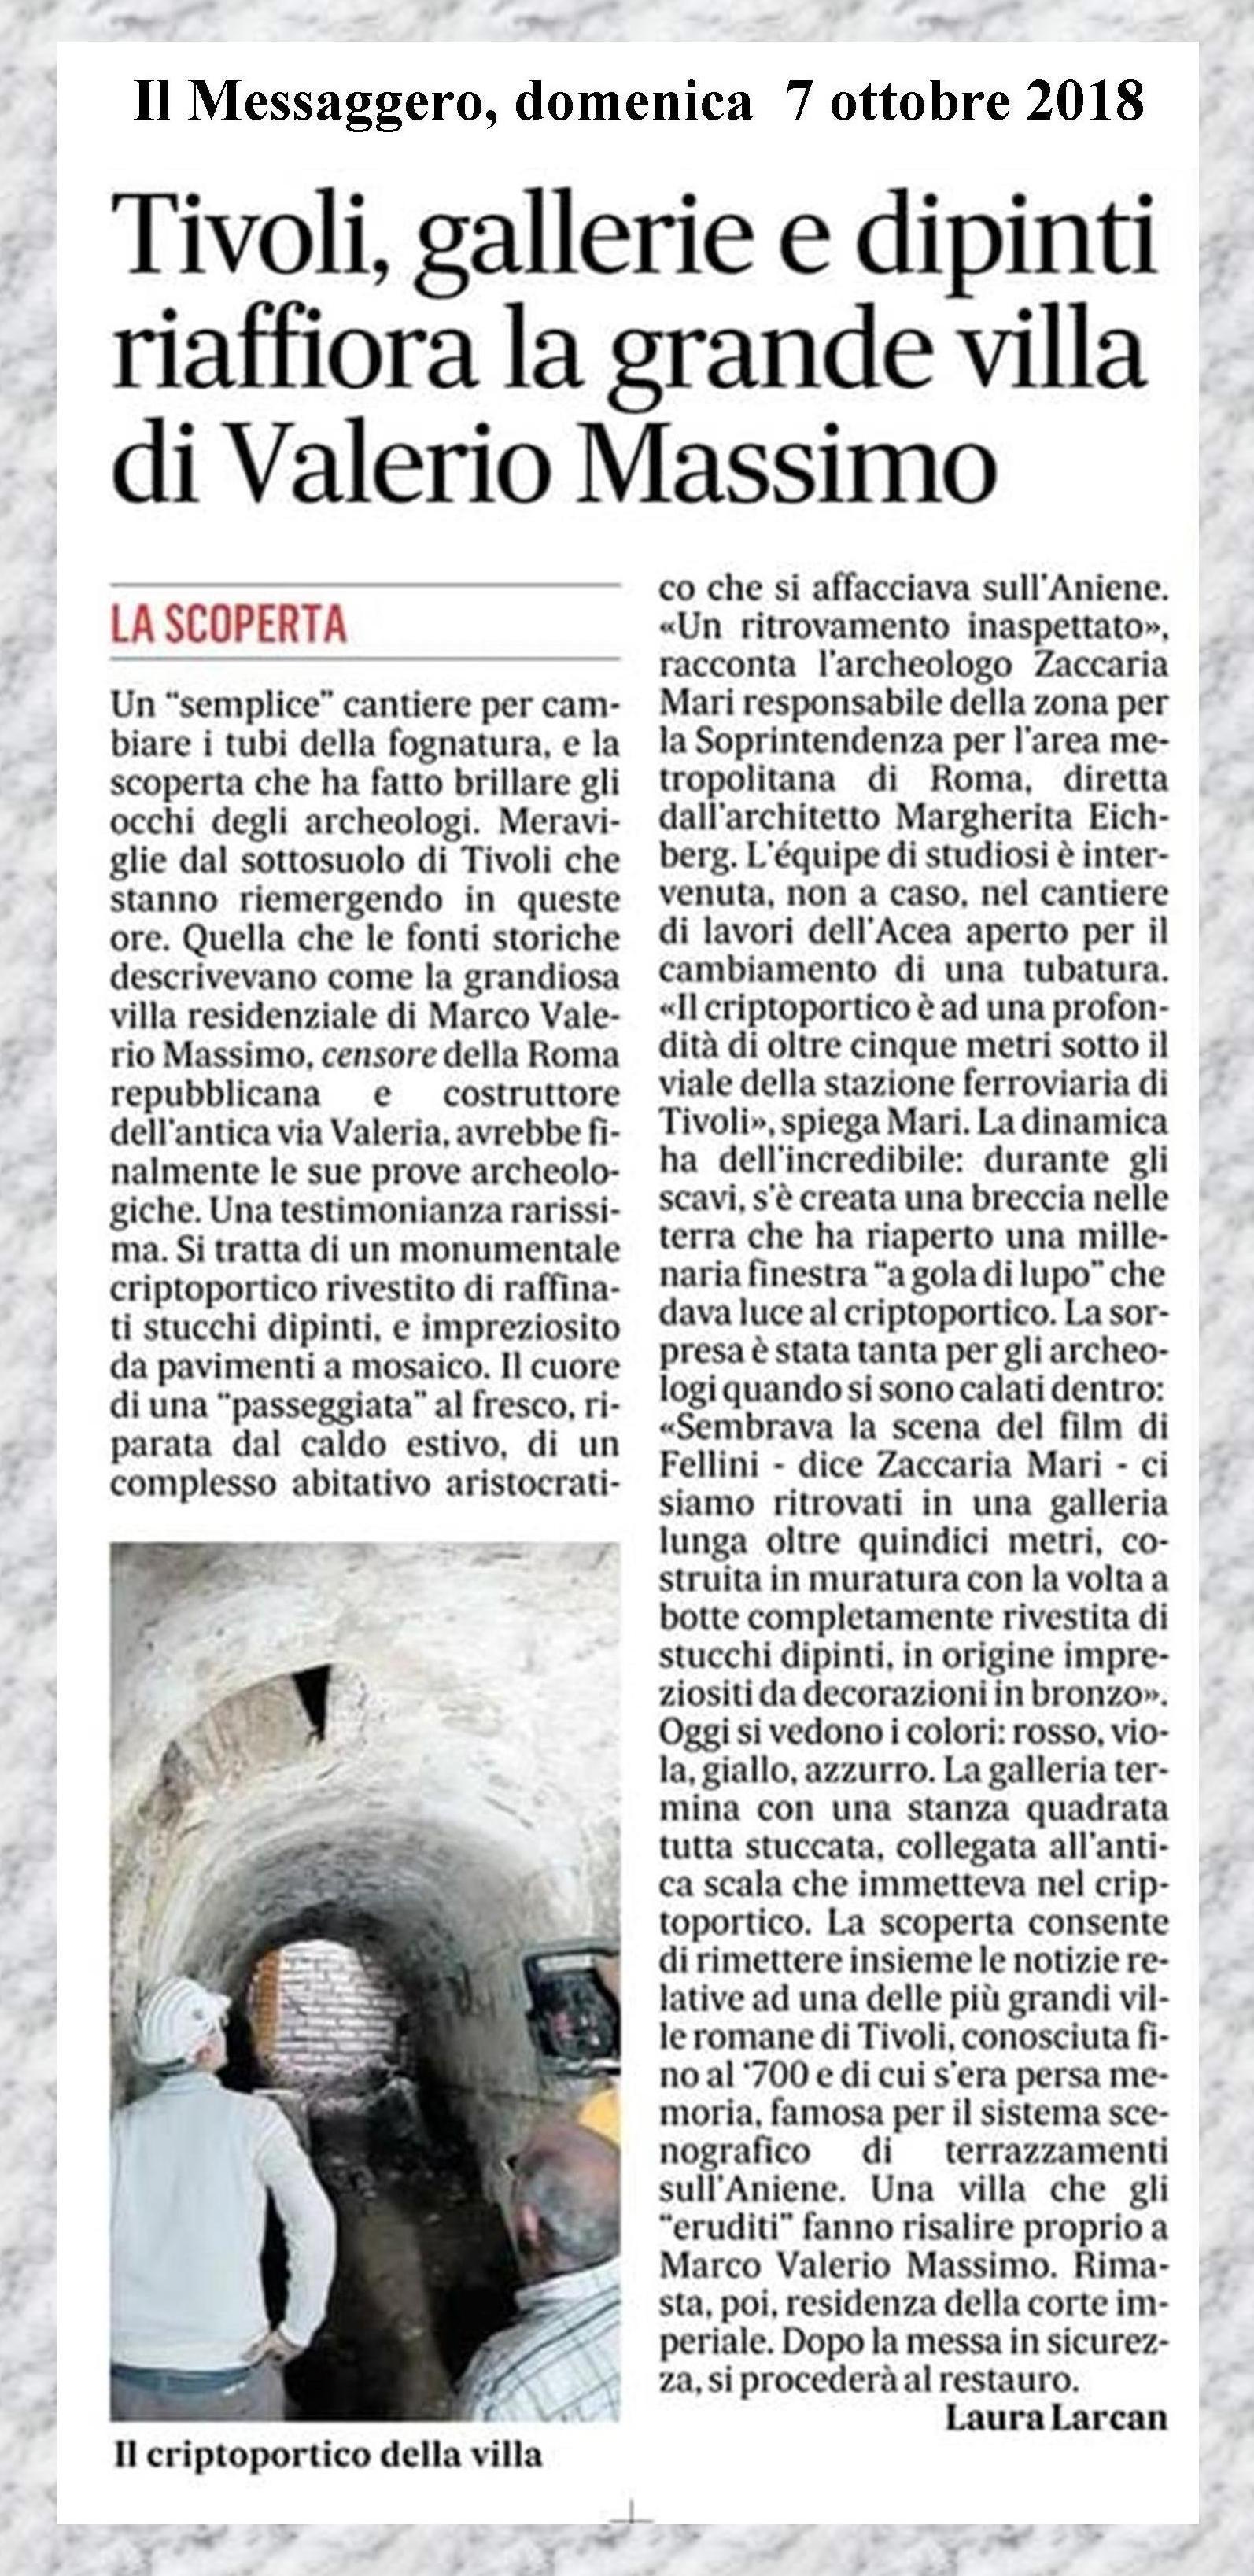 Villa_Valerio_Massimo_Il_Messaggero_7_10_2018